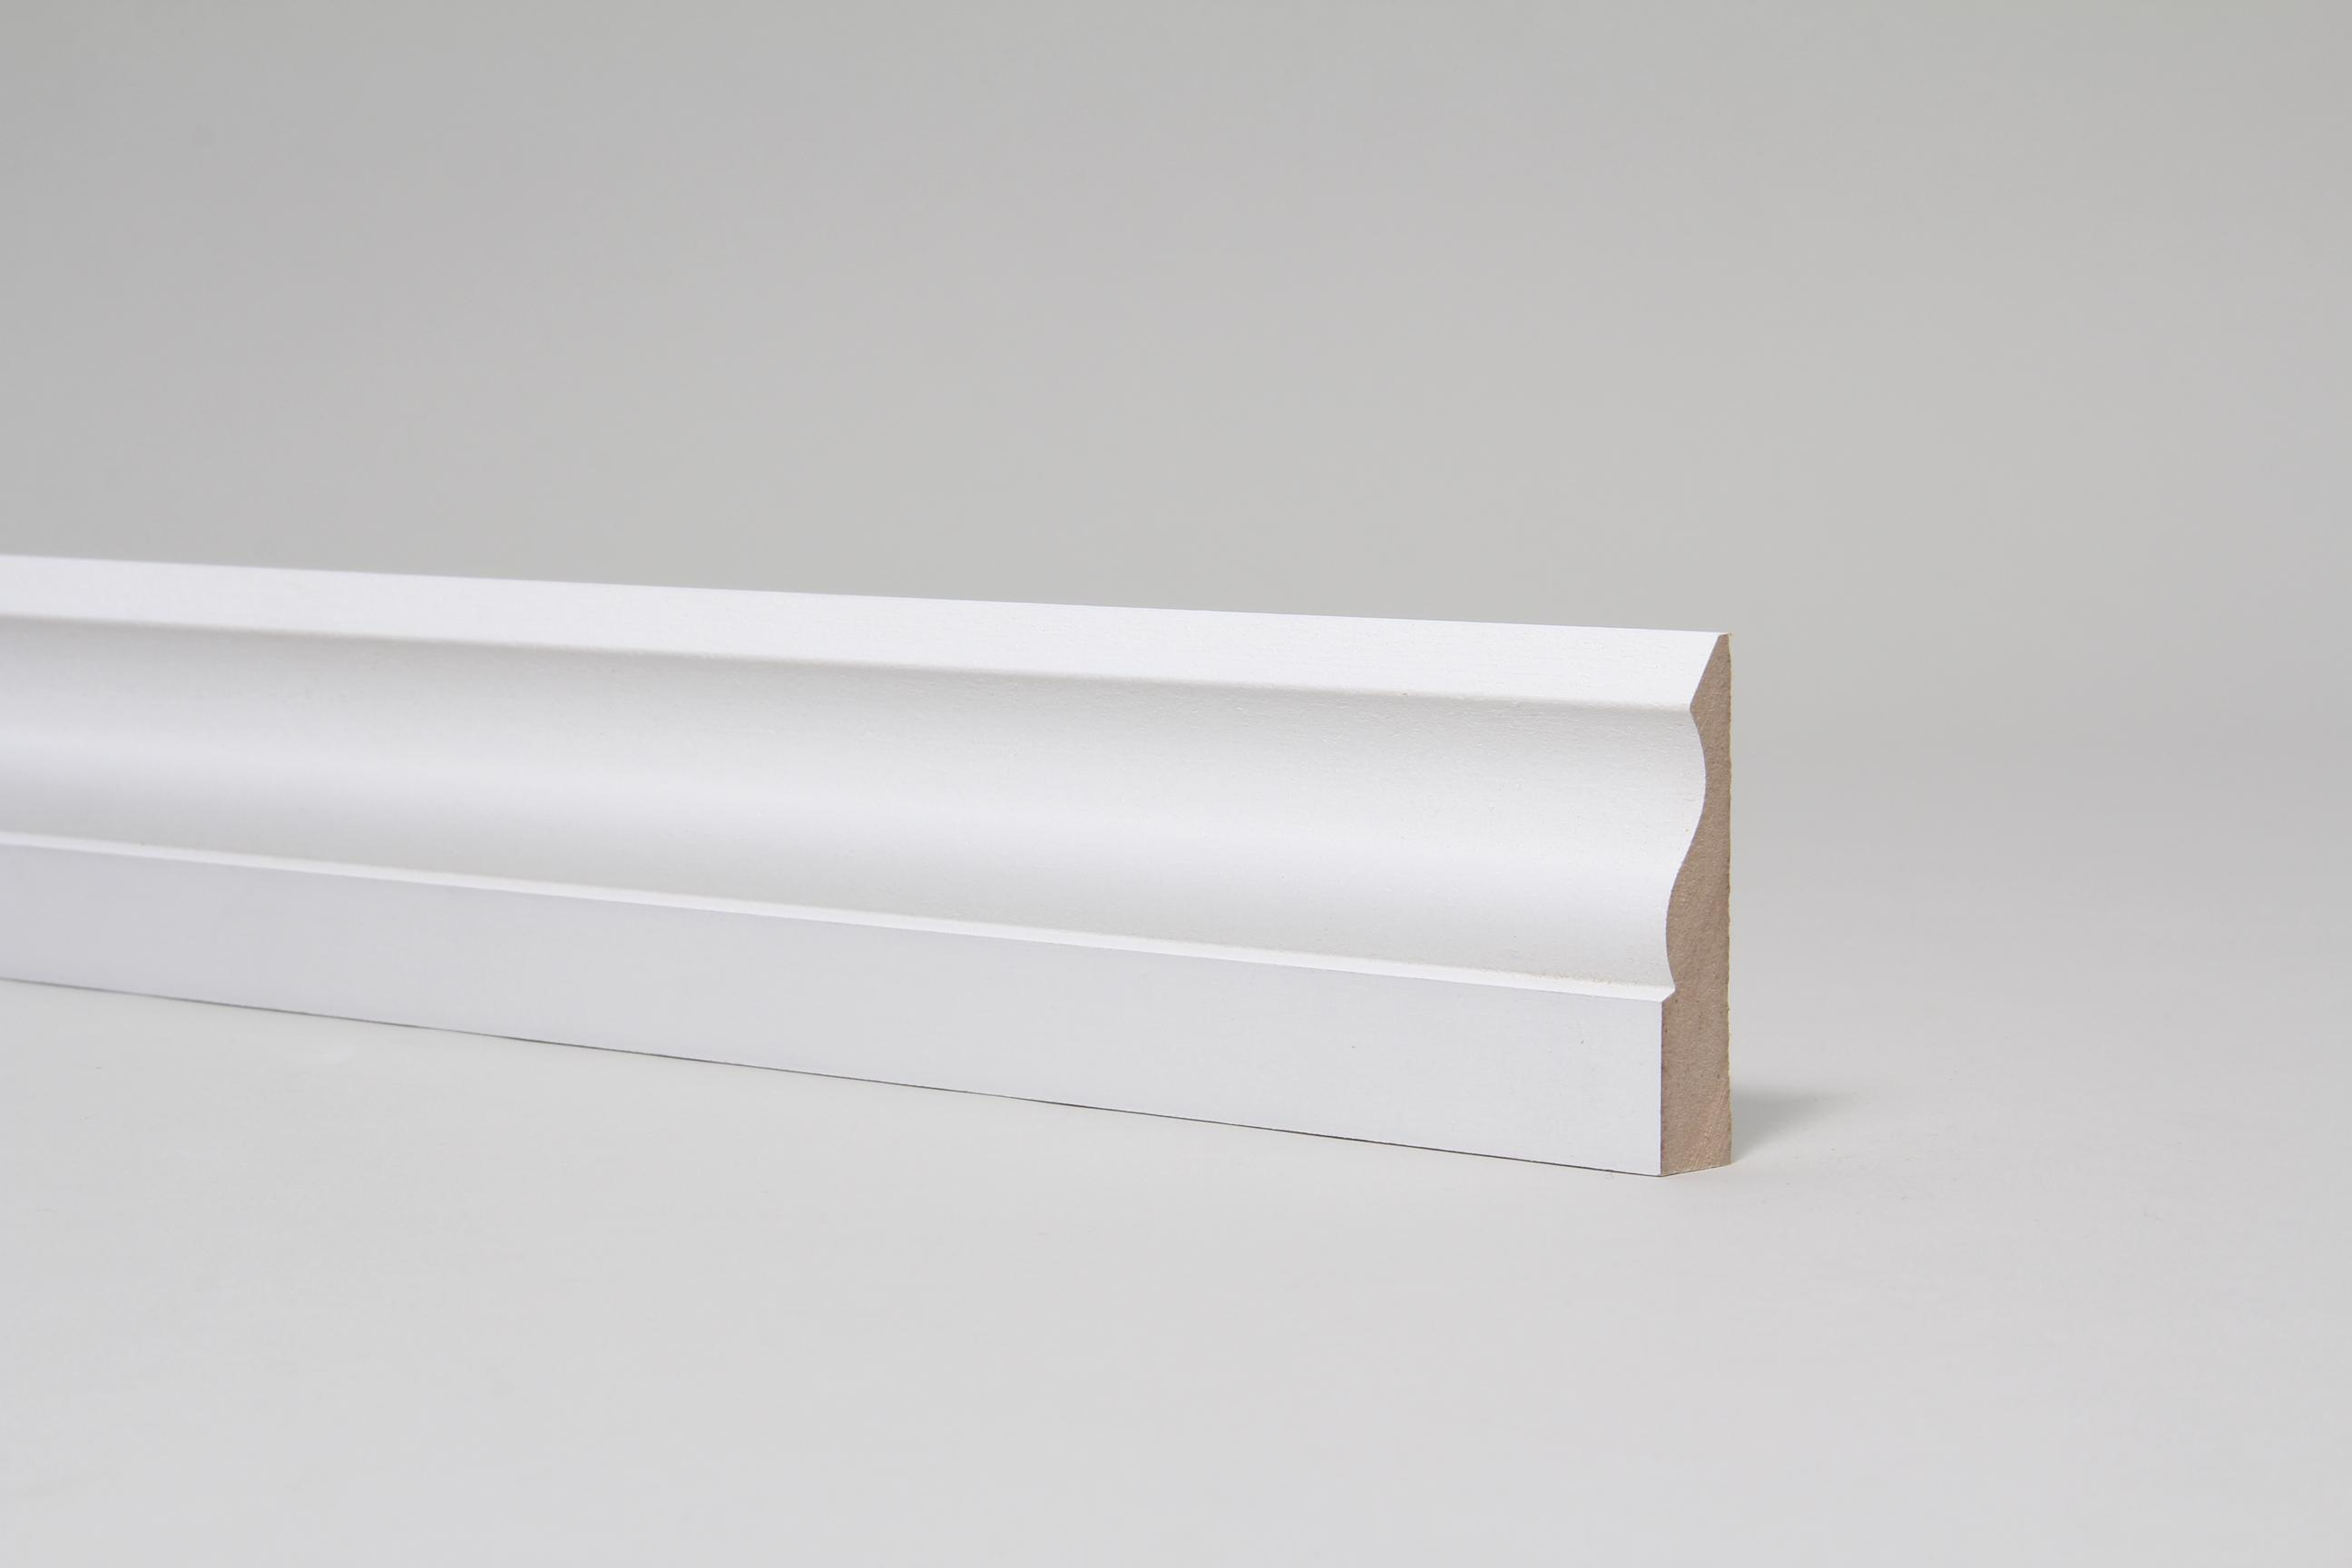 Ogee 15mm x 68mm Architrave Set Primed